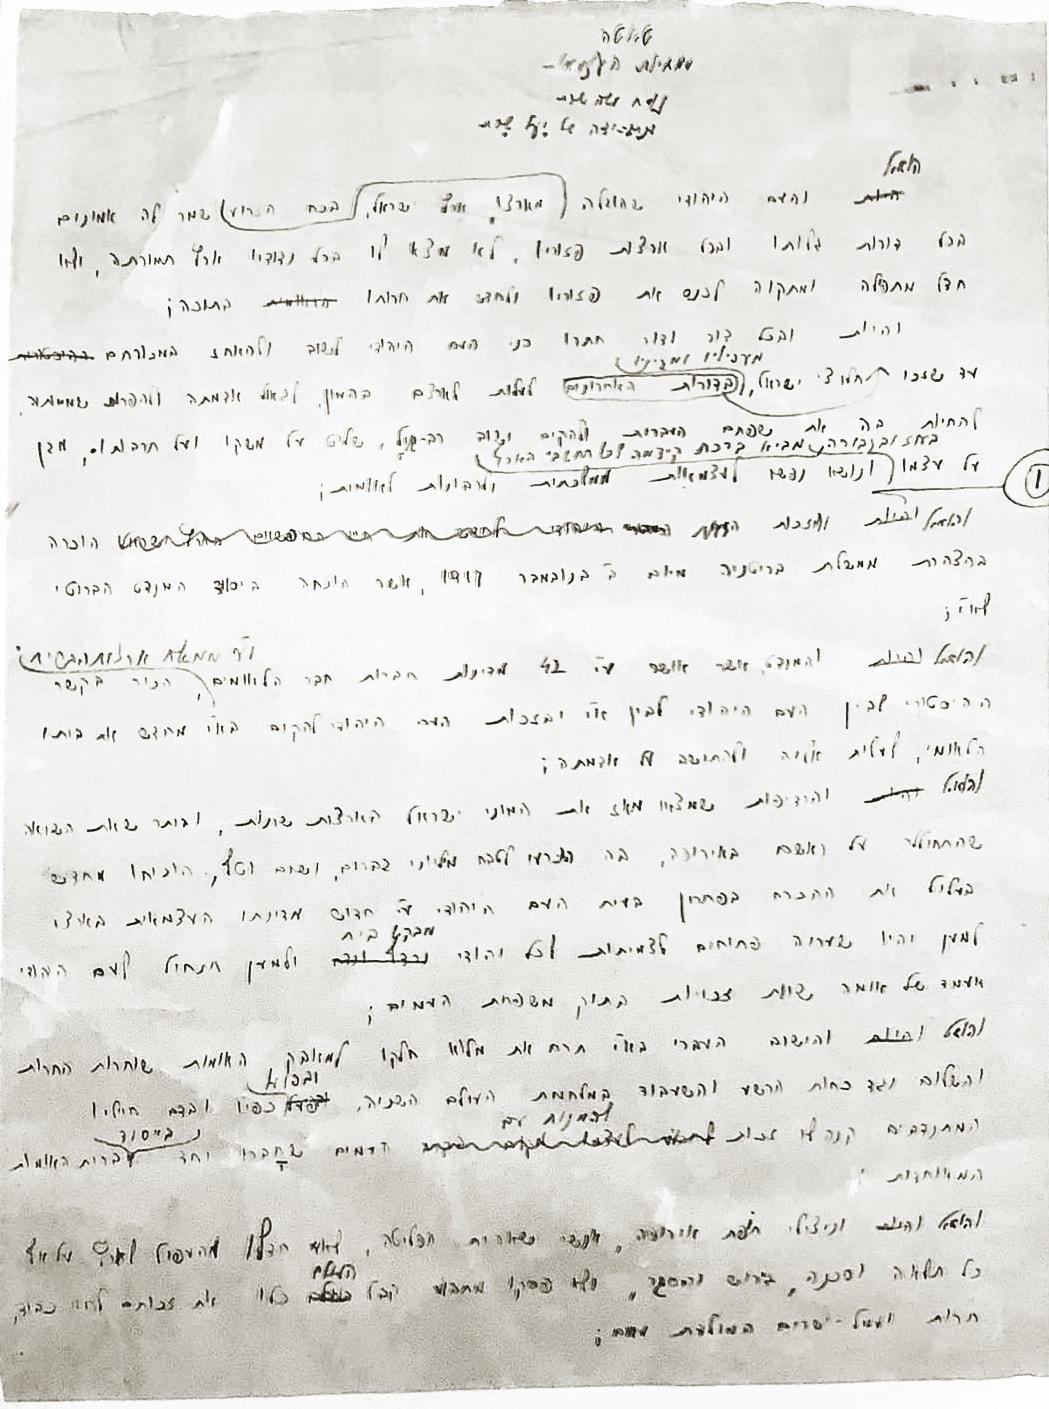 טיוטת מגילת העצמאות בכתב ידה של יעל שרת (צילום: הארכיון הציוני)